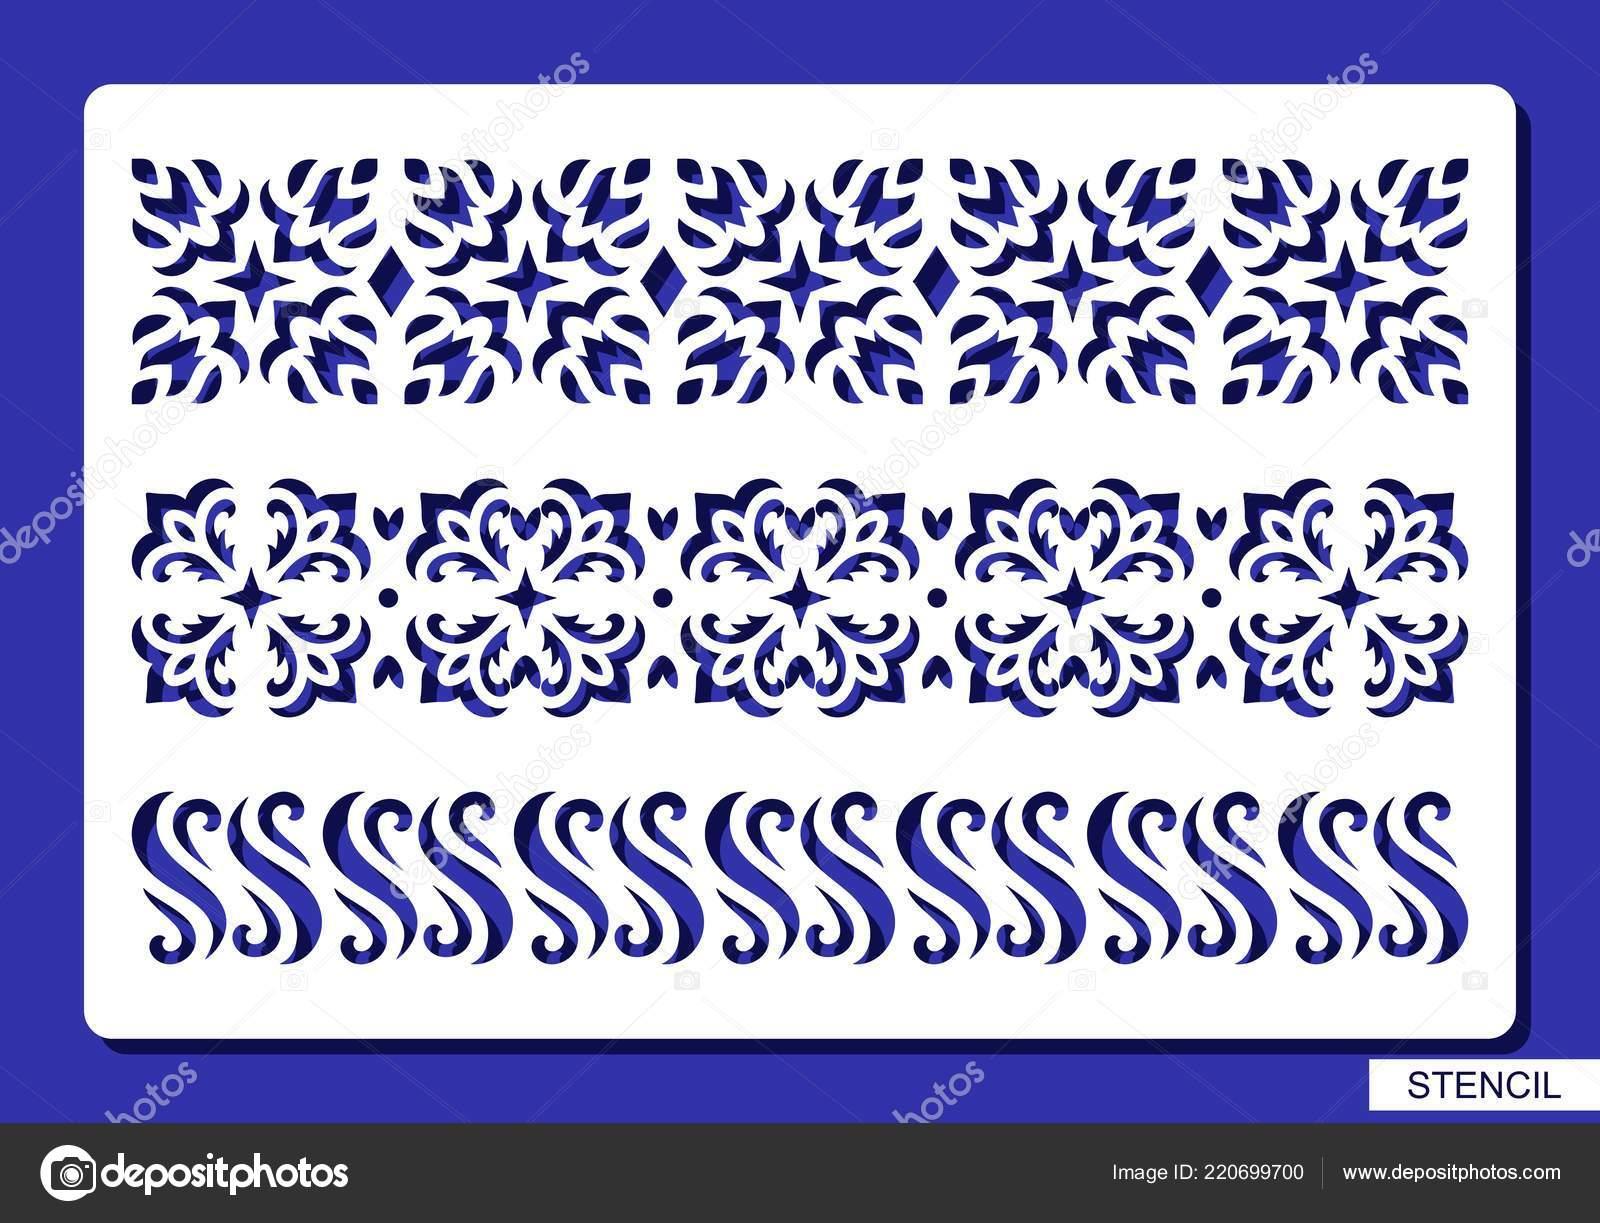 Set Decorative Borders Stencil Lace Floral Patterns Template